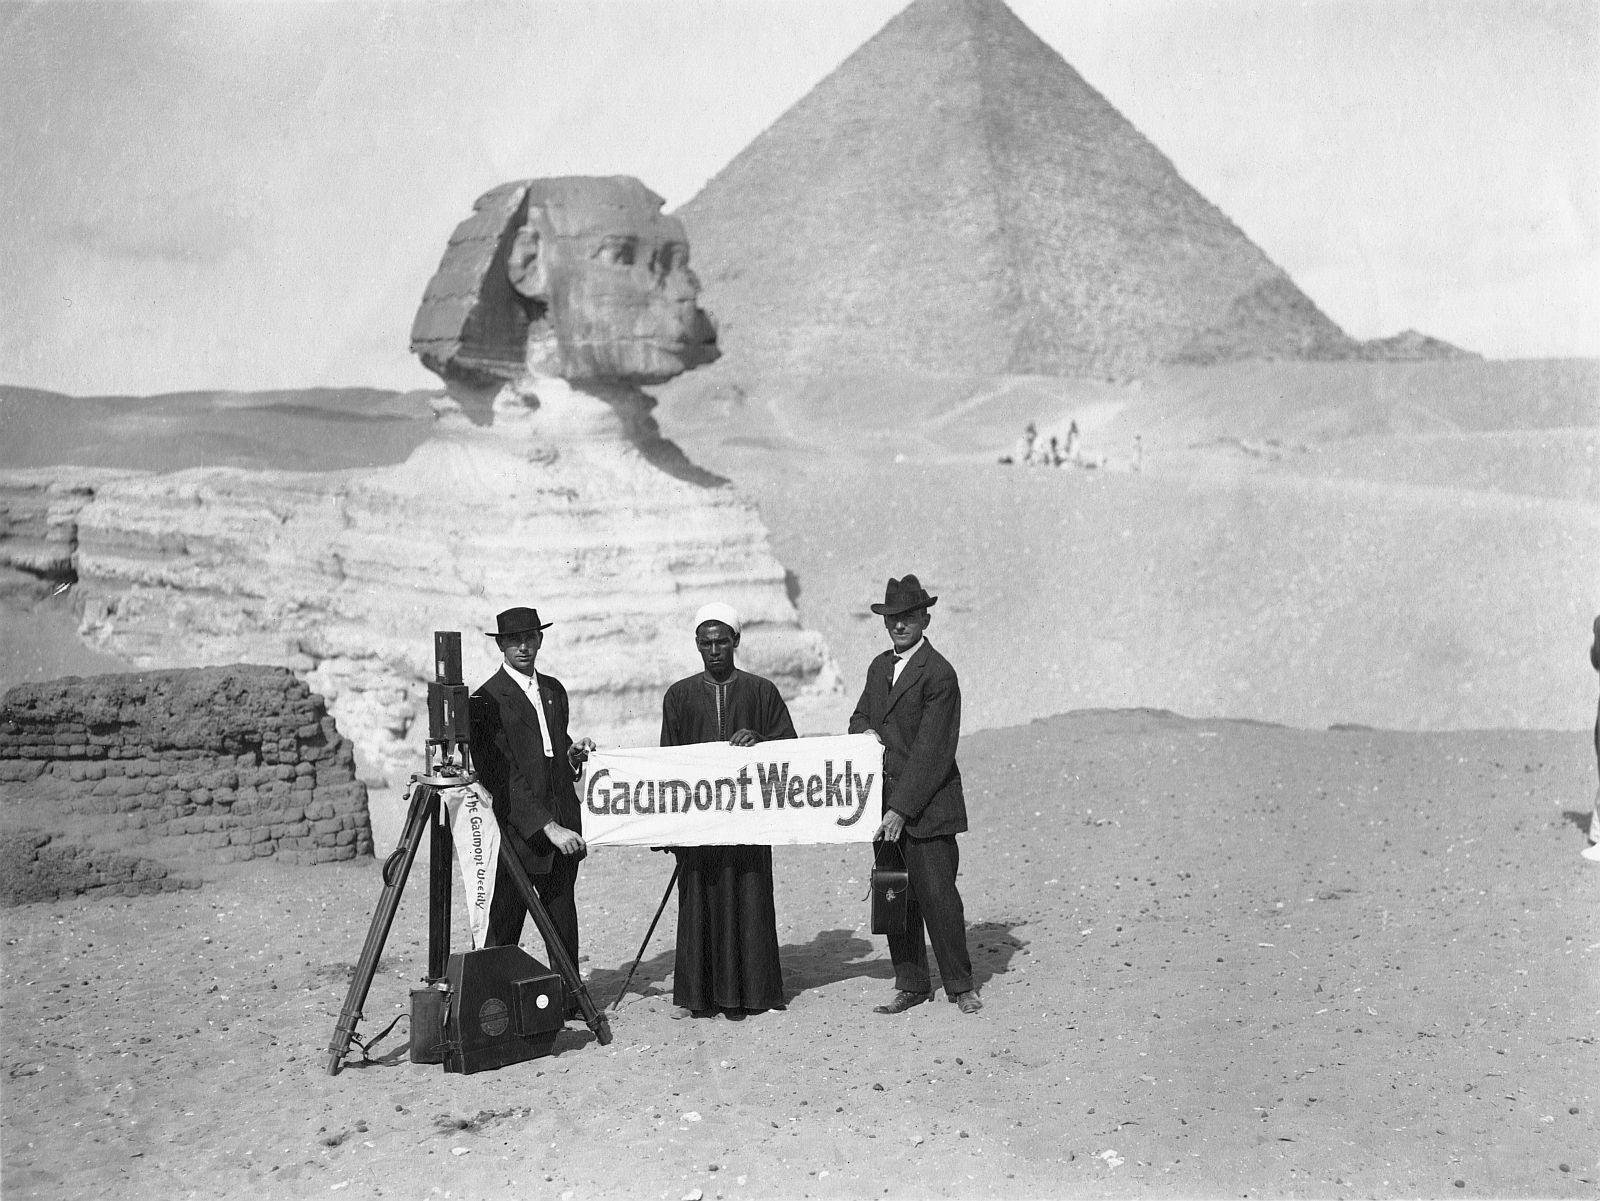 Гиза. Два туриста и местные жители позируют с рекламным баннером «Gaumont Weekly» перед Сфинксом